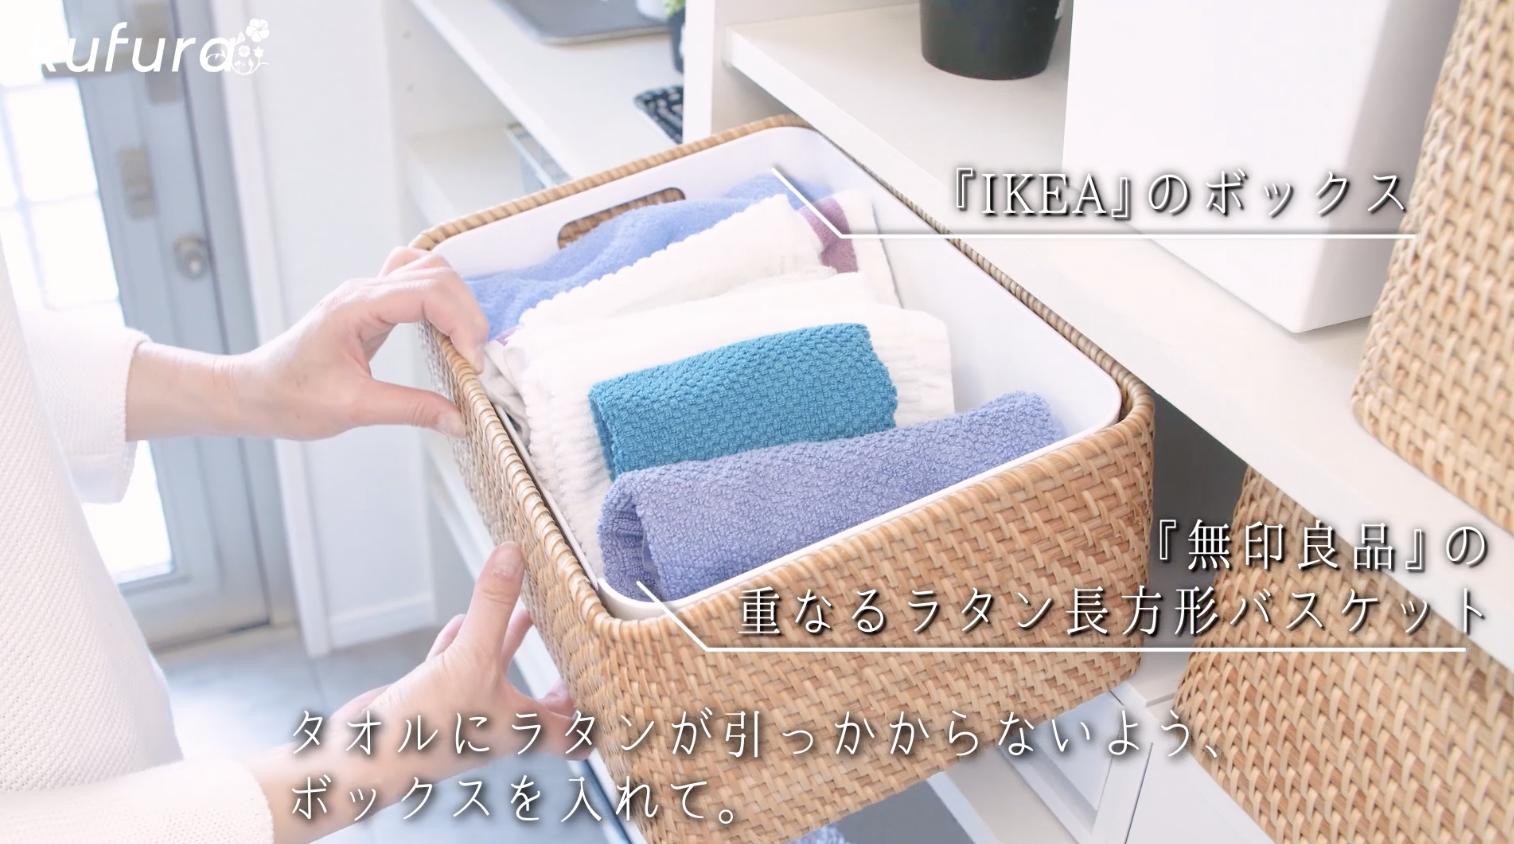 収納達人のお家訪問「洗面所」編!ニトリ・無印のバスケットでスペースを有効活用